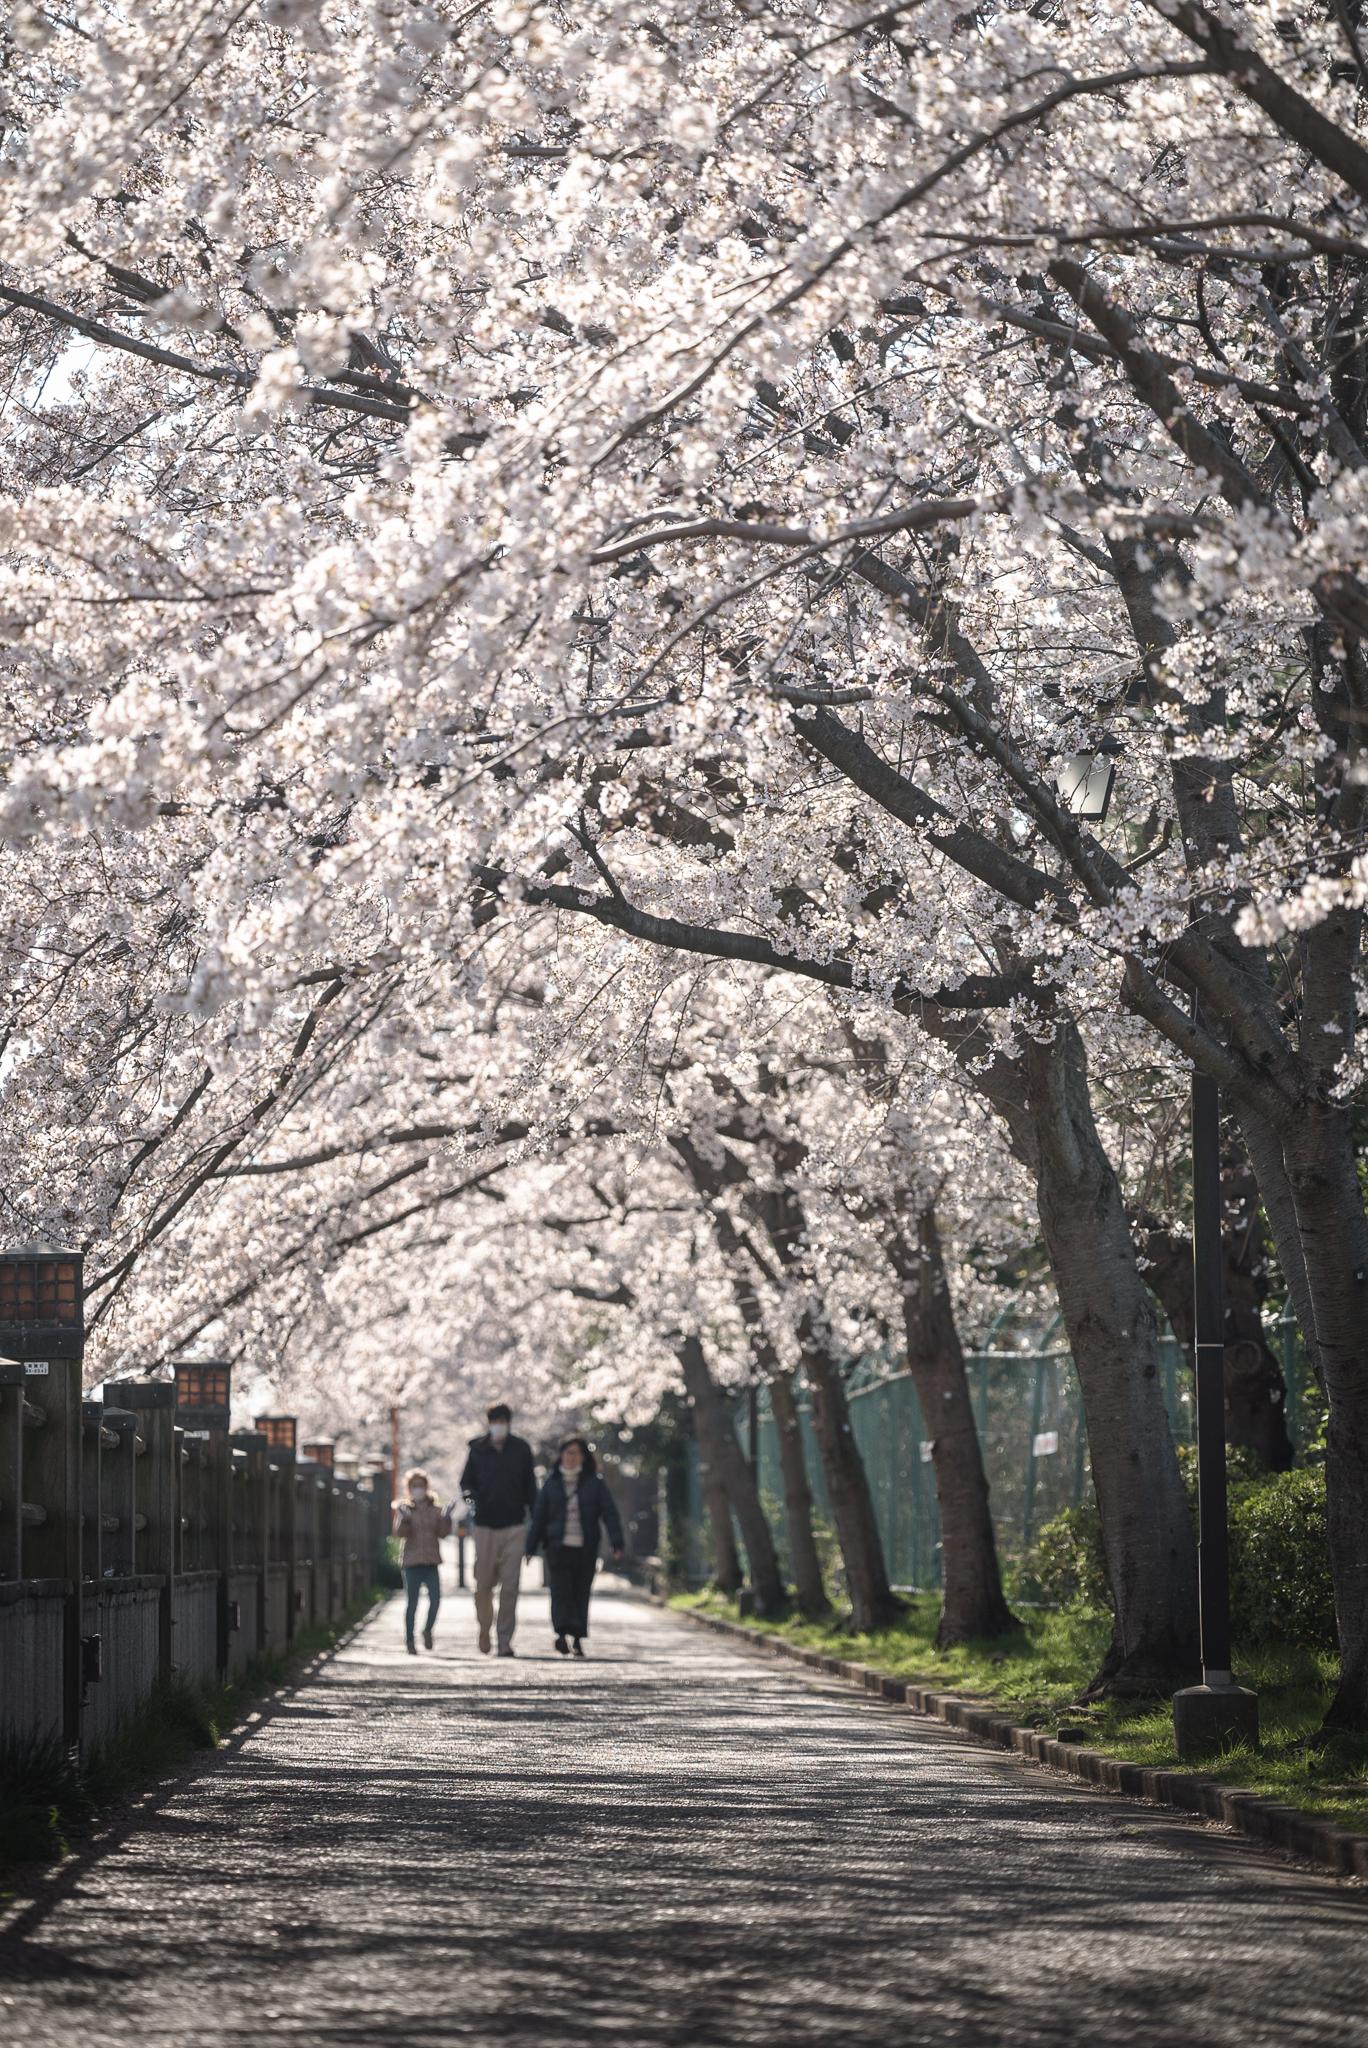 昭和学院小学校近くの桜並木 2020年3月25日撮影